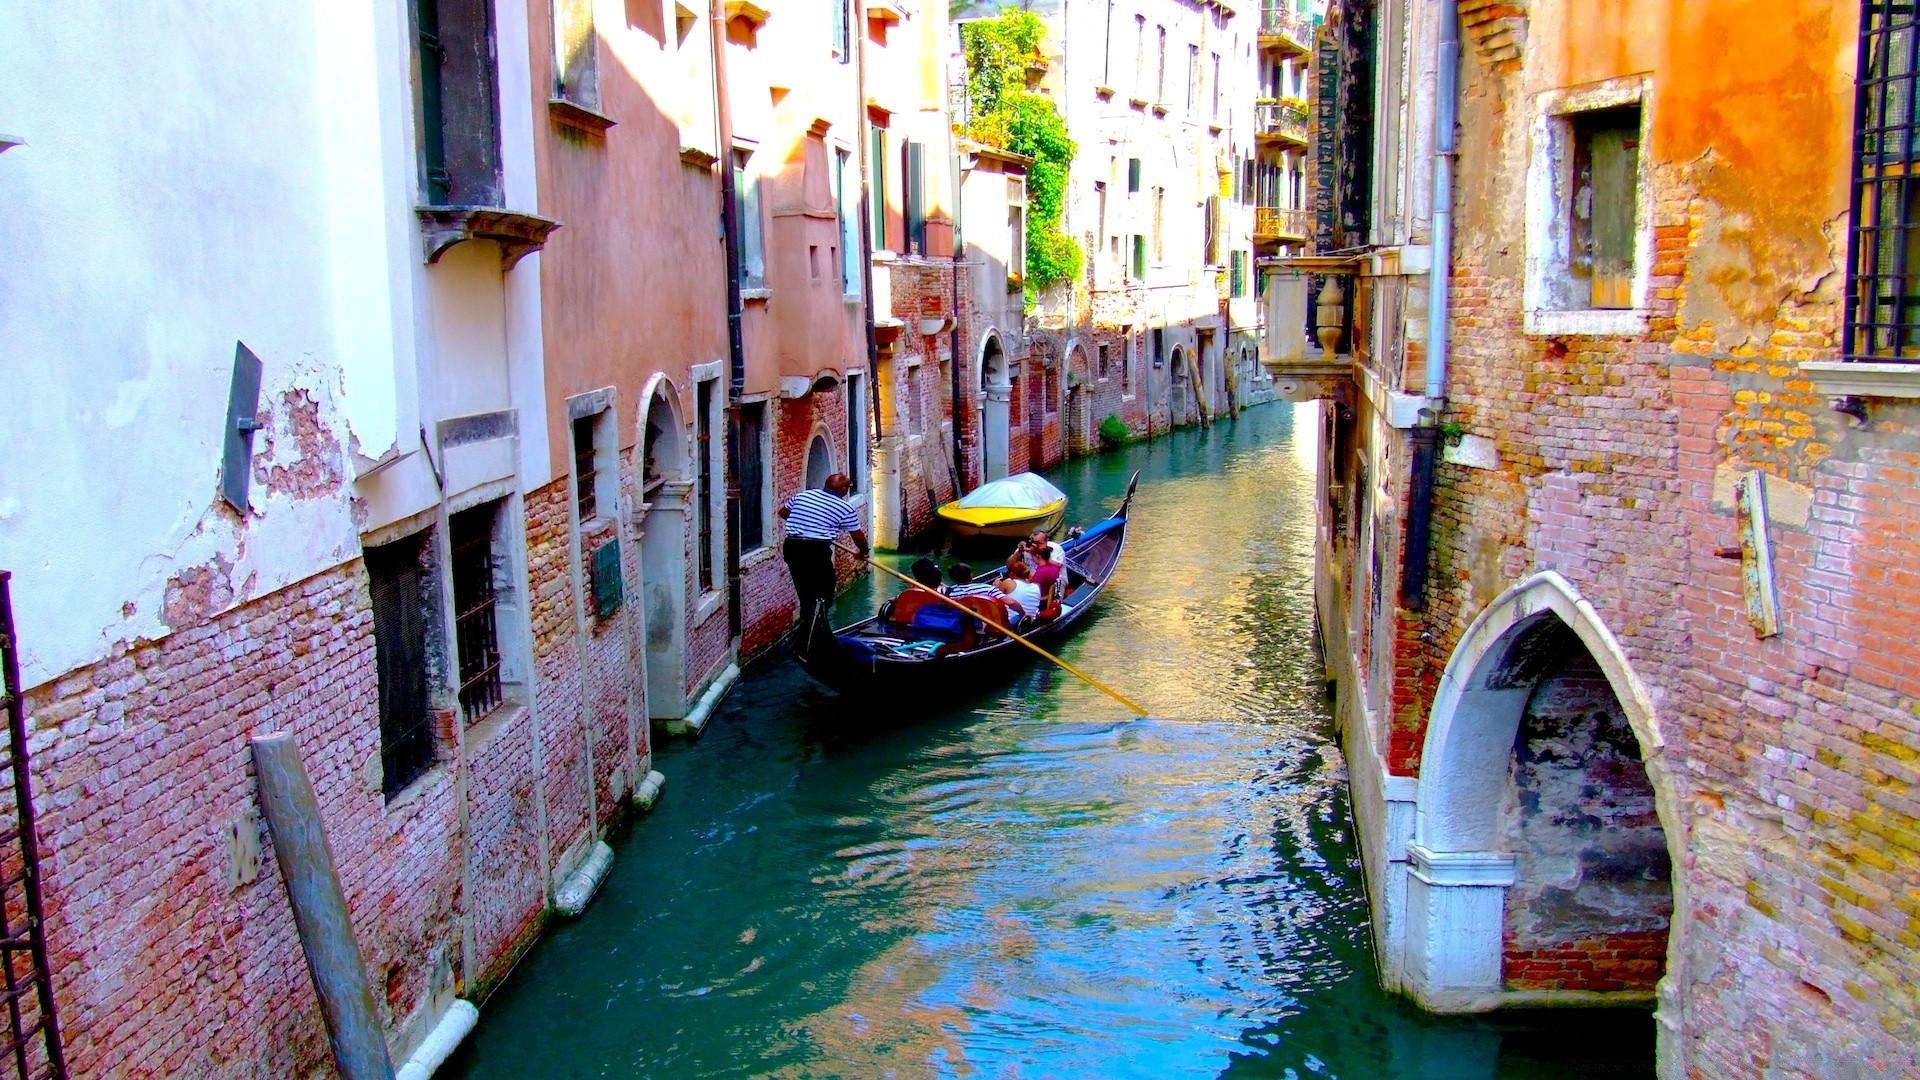 Обои канал, лодки, венеция, мосты, дома, улицы. Города foto 12